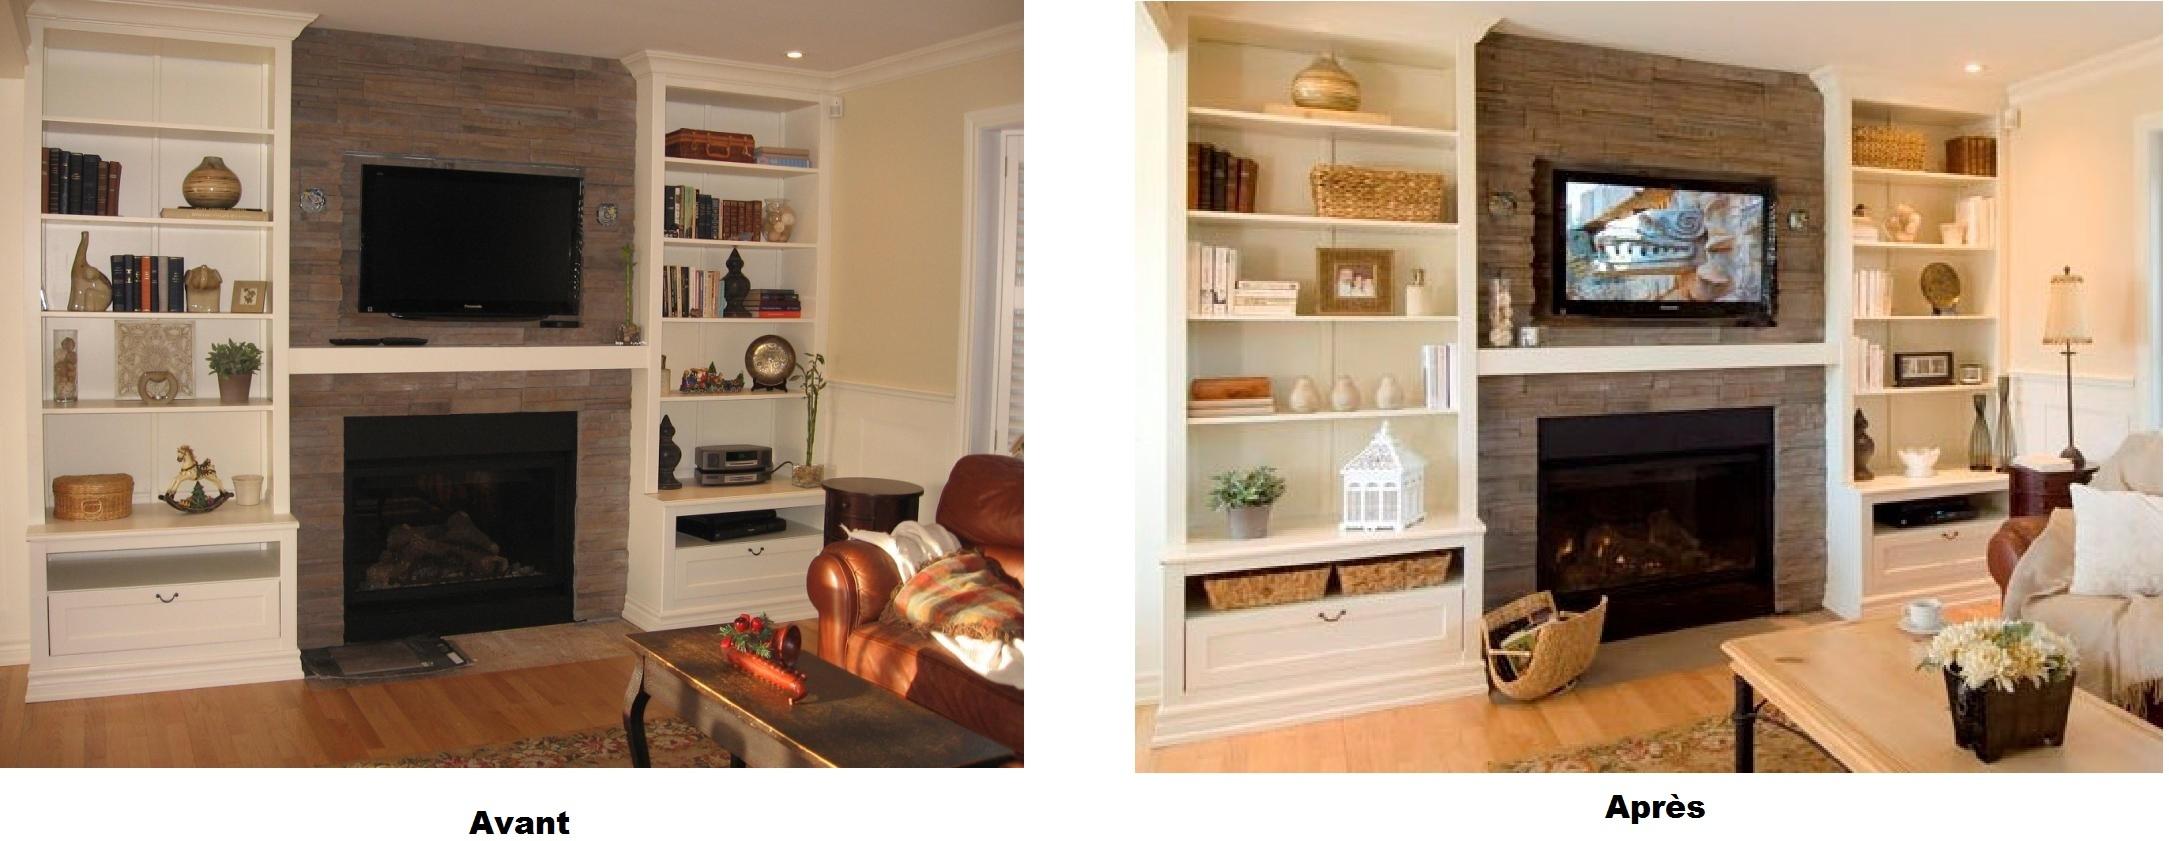 Comment organiser et ranger une biblioth que d conome - Comment bien ranger une armoire ...